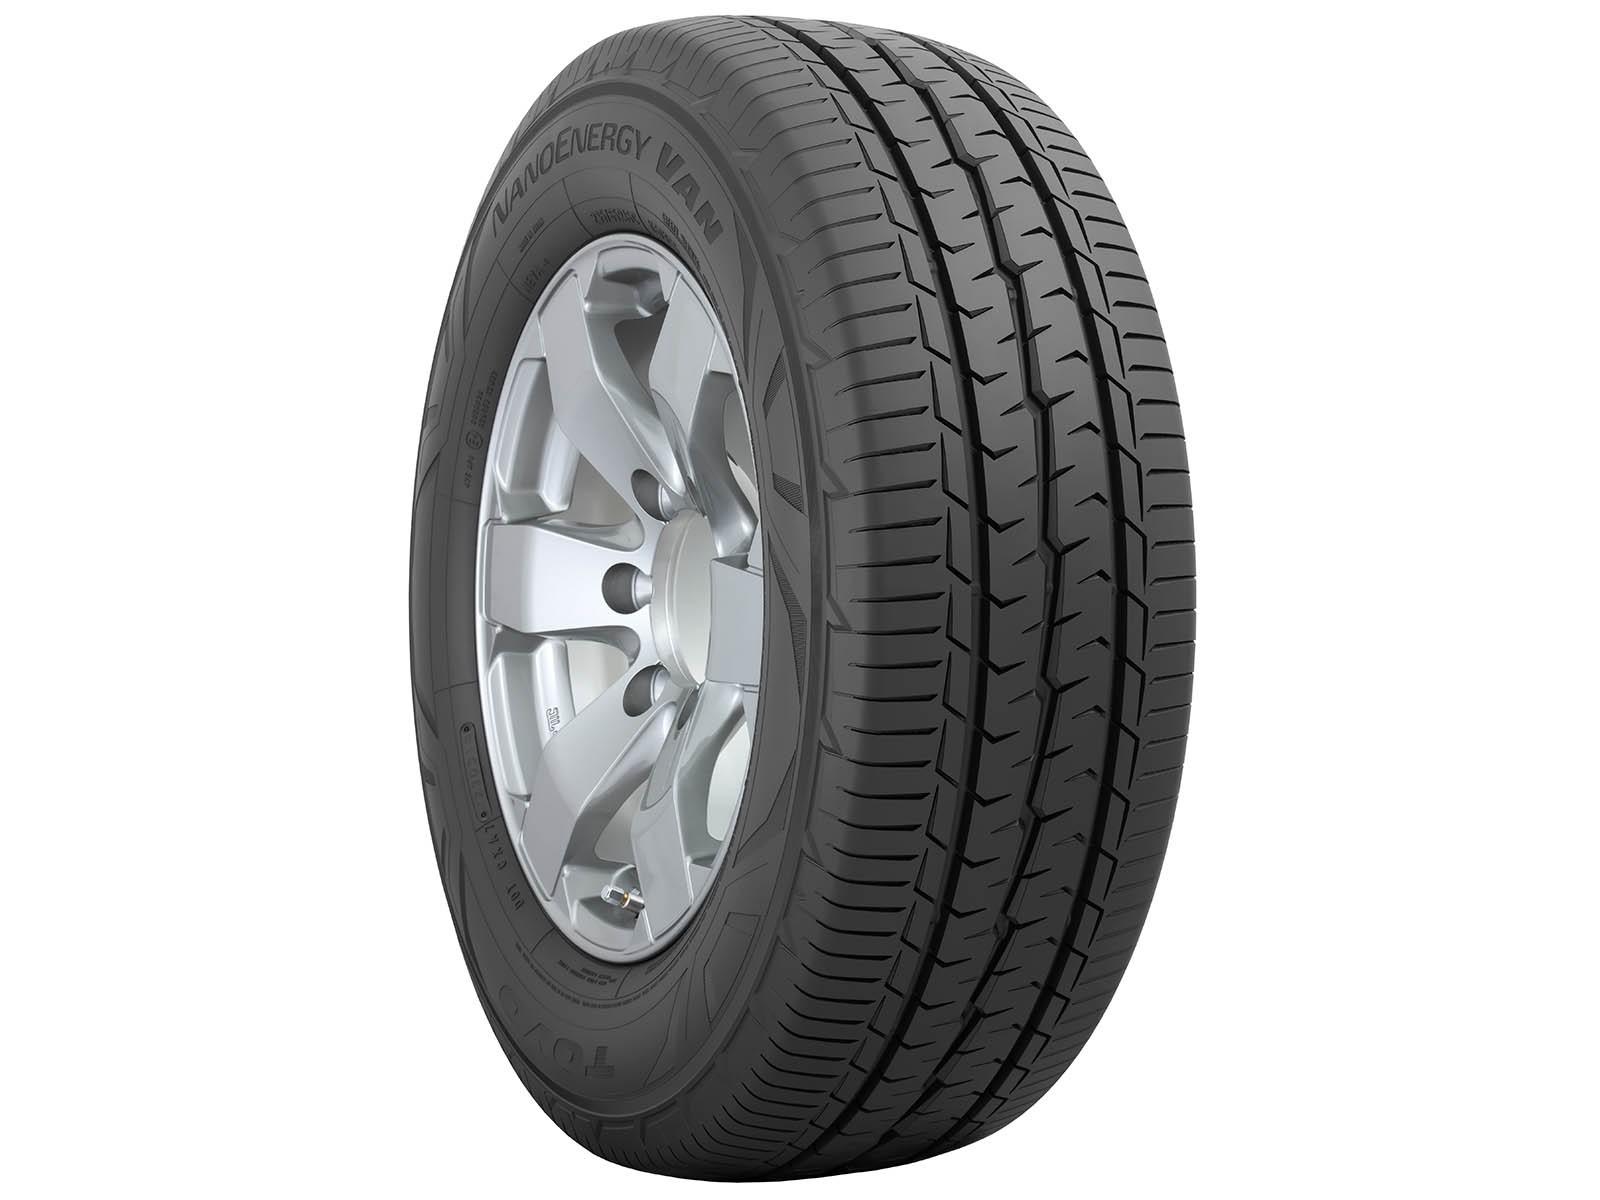 Toyo улучшили сцепные свойства шин и сопротивление качению одновременно. Как у них это получилось?